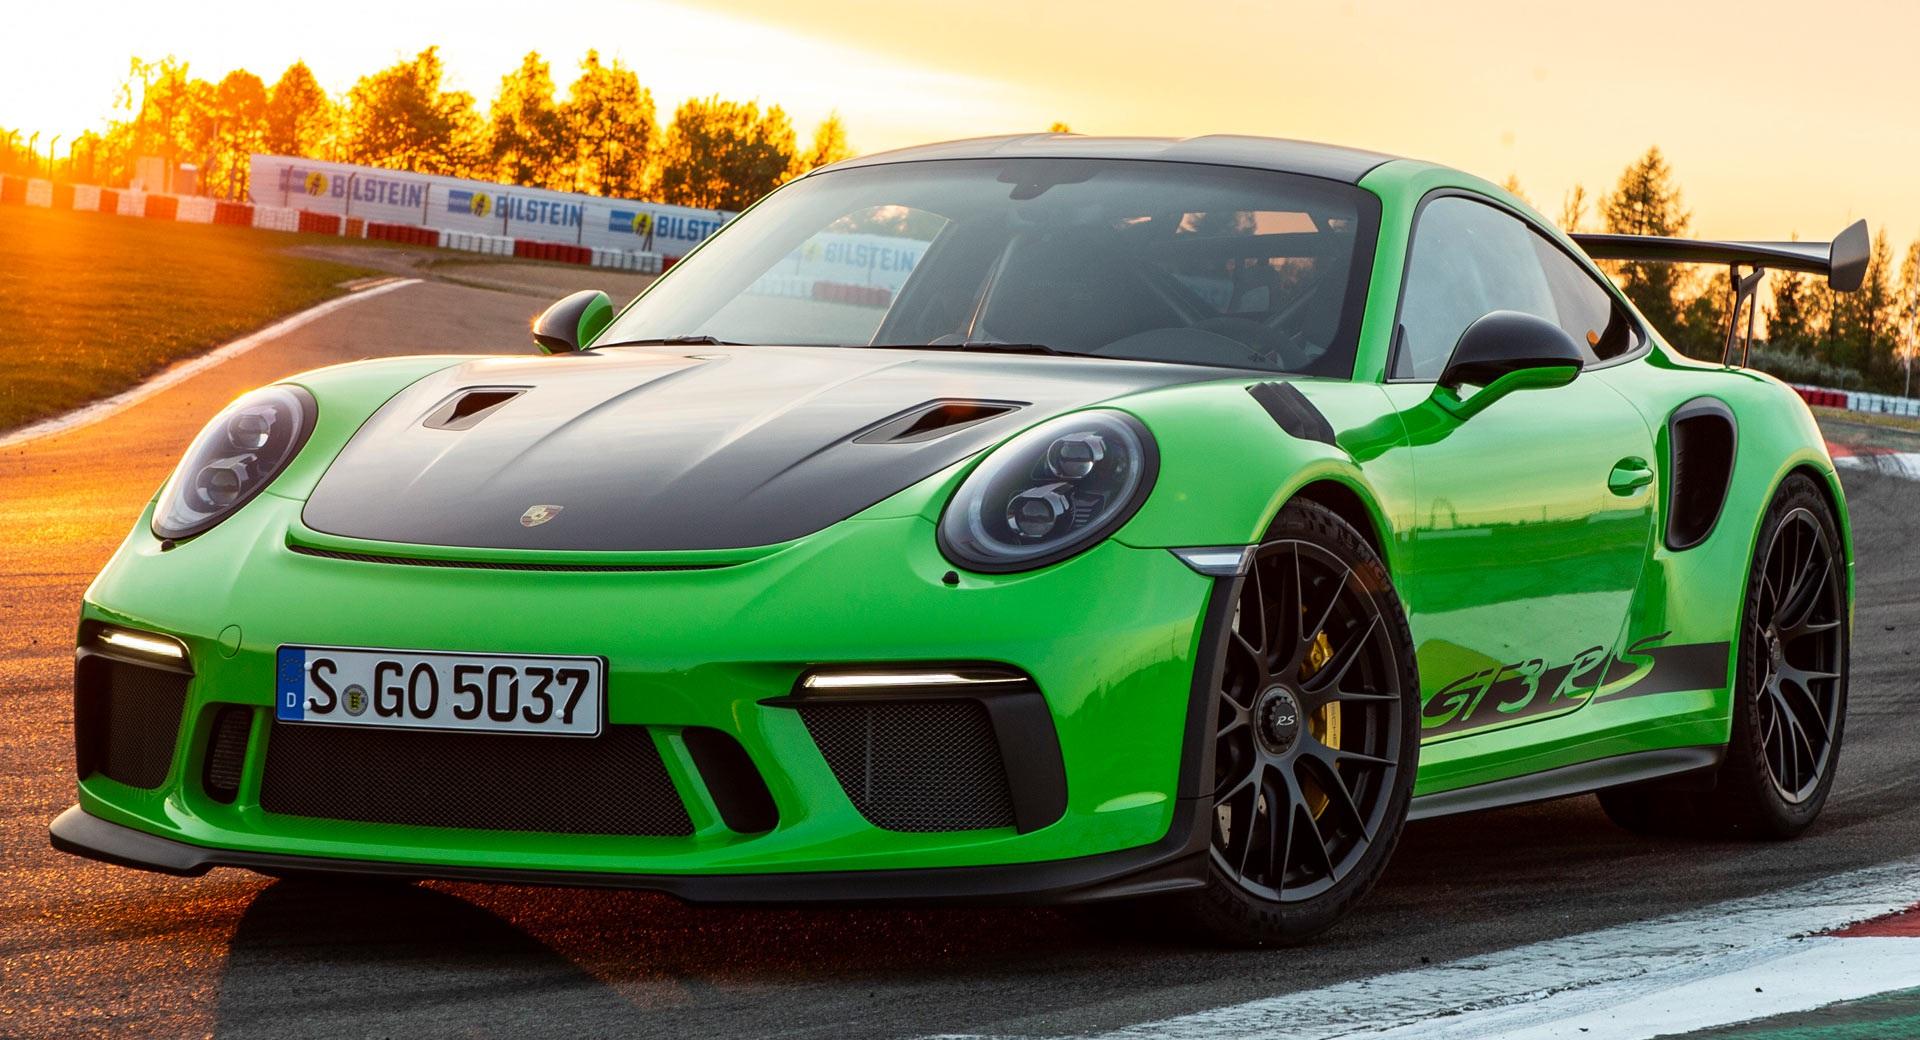 Nhân viên đại lý Porsche lớn nhất Mỹ lĩnh án 6,5 năm tù vì lừa tiền đặt cọc - 1